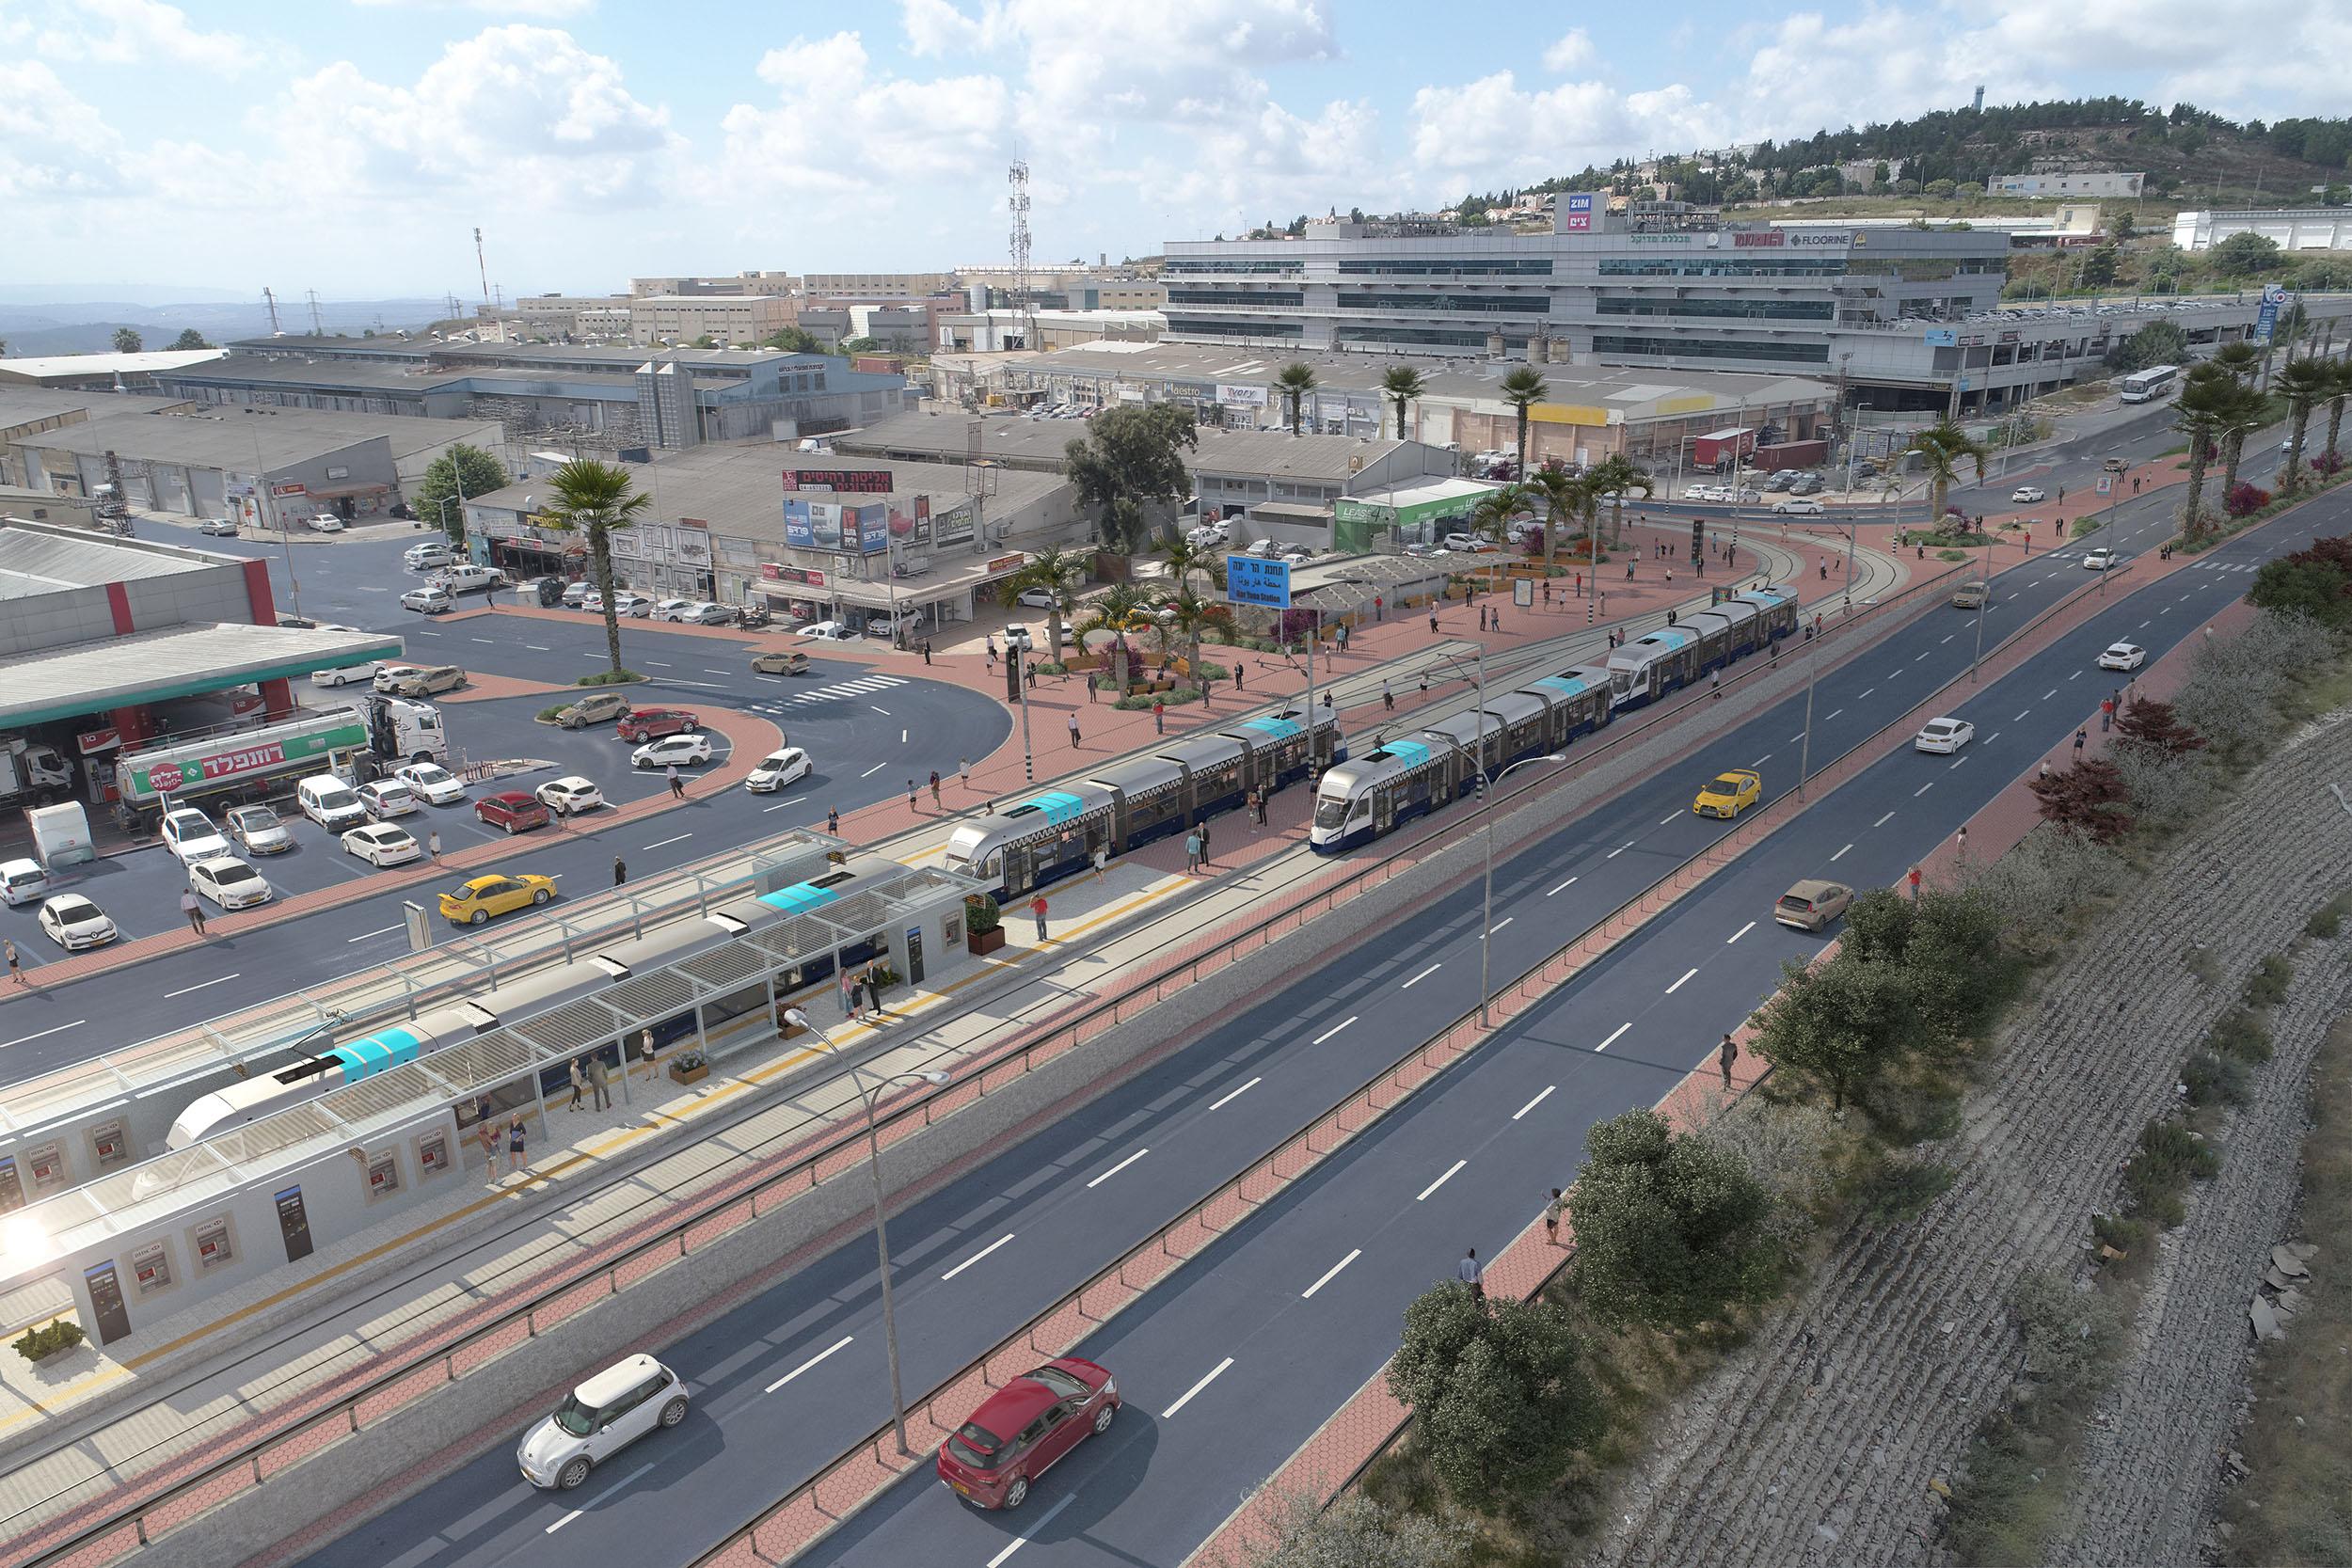 יריית הפתיחה לעבודות הקמת הרכבת הקלה מנוף הגליל לחיפה: 15 בדצמבר 2020